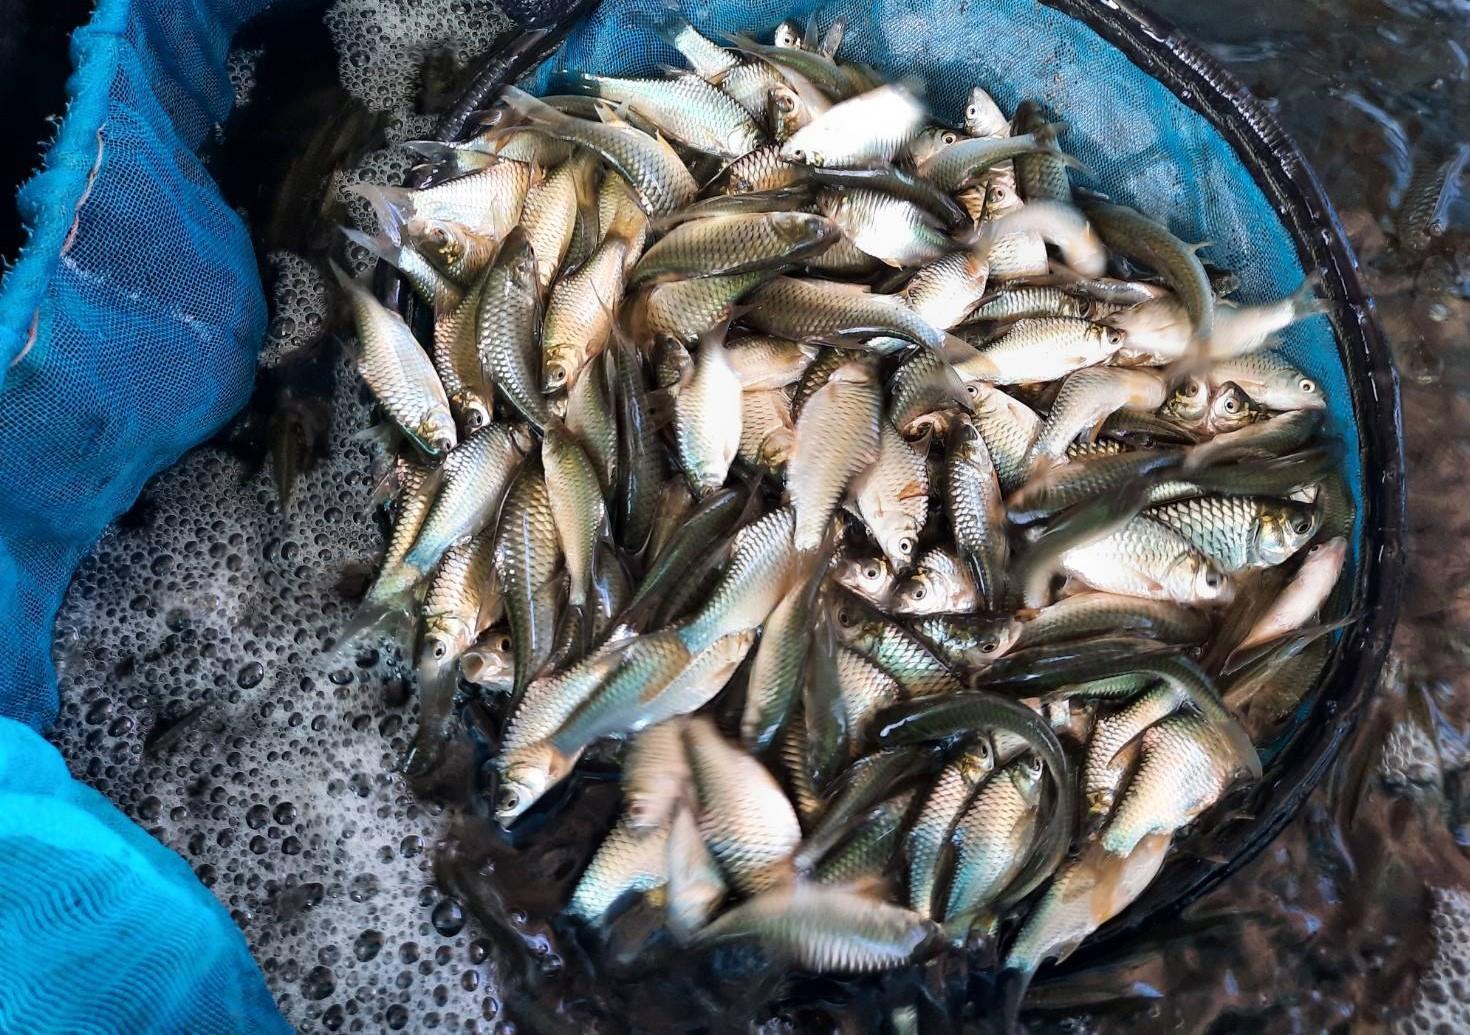 """กรมประมง...เพาะพันธุ์ """"ปลาตะเพียนขาวนีโอเมล"""" สำเร็จ! เพิ่มเปอร์เซ็นต์เพศเมีย เลี้ยงง่าย โตไว ให้น้ำหนักดี ตอบโจทย์เกษตรกร สนองความต้องการของตลาด"""